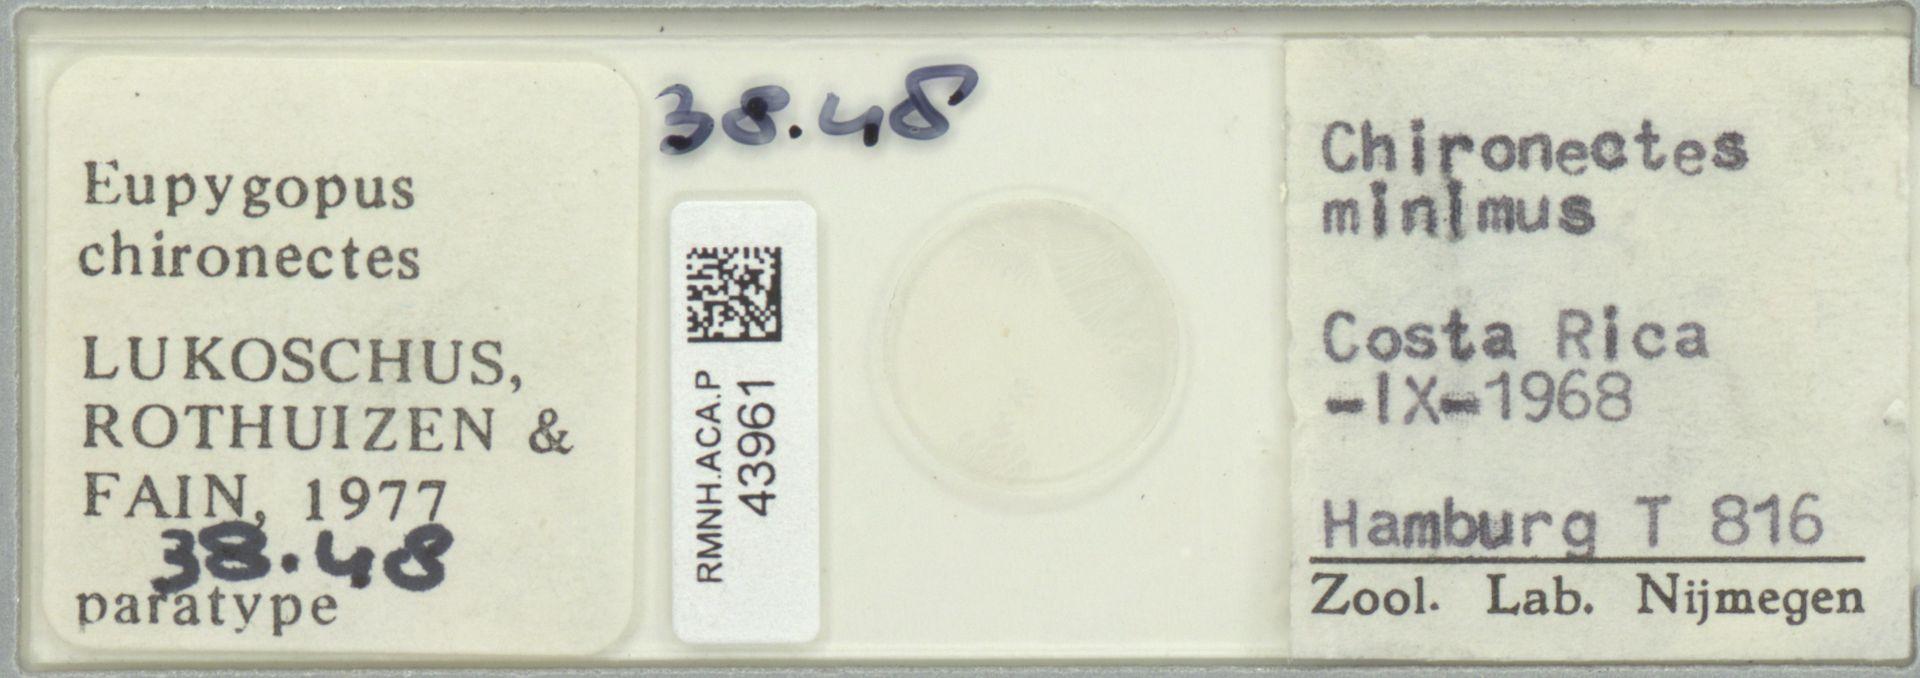 RMNH.ACA.P.43961 | Eupygopus chironectes Lukoschus, Rothuizen & Fain, 1977